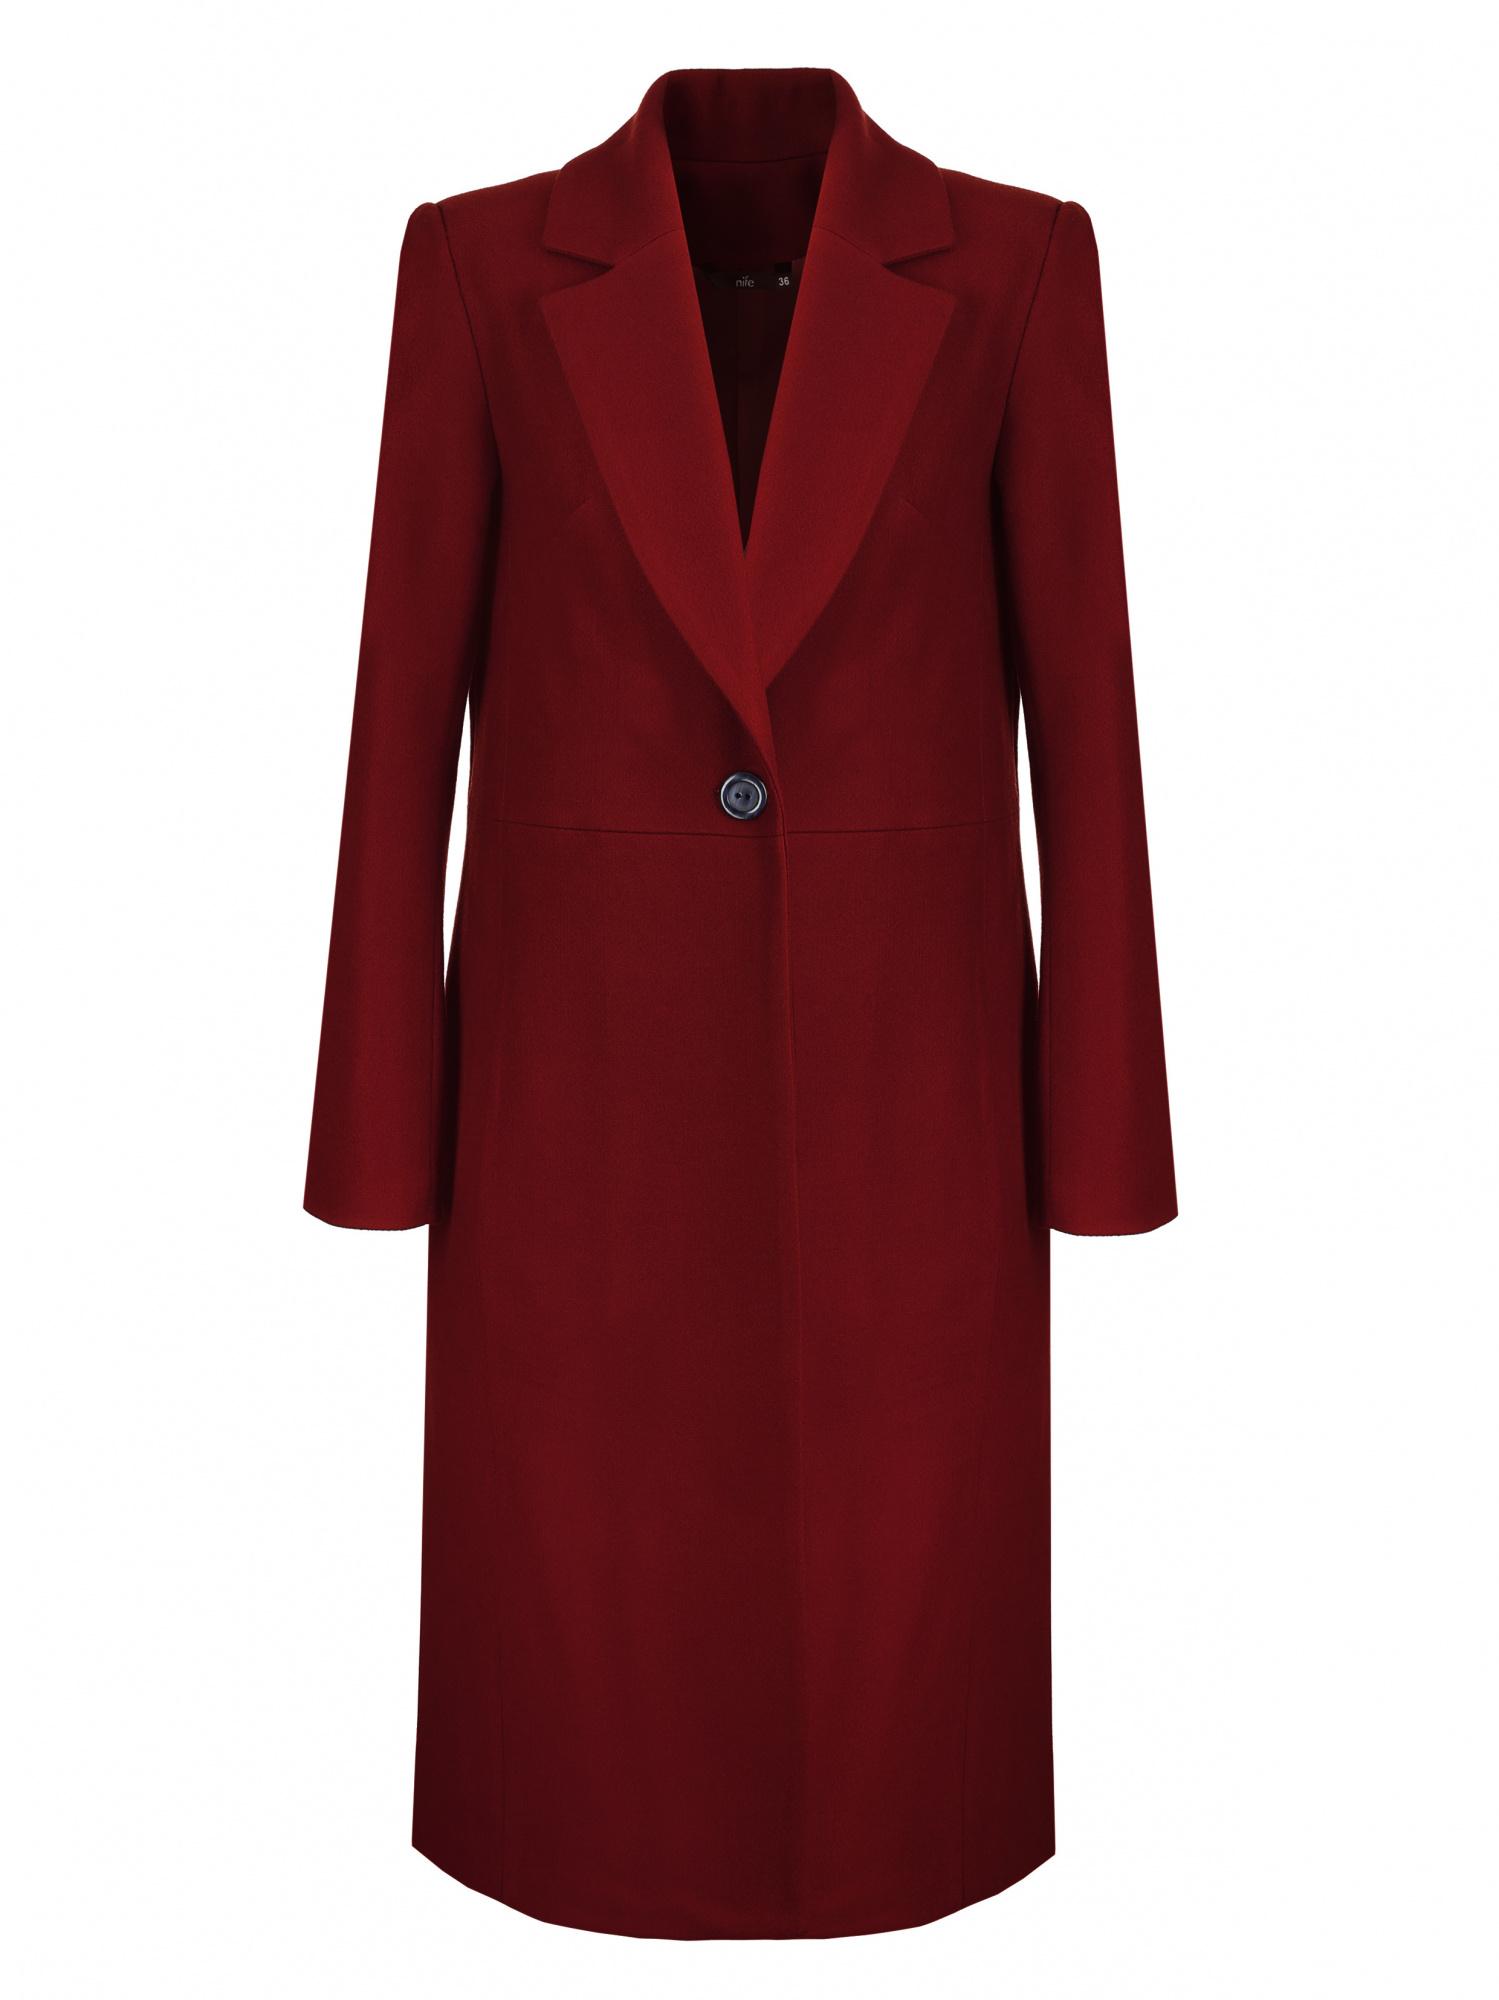 Nife - Bordowy płaszcz damski jednorzędowy 2